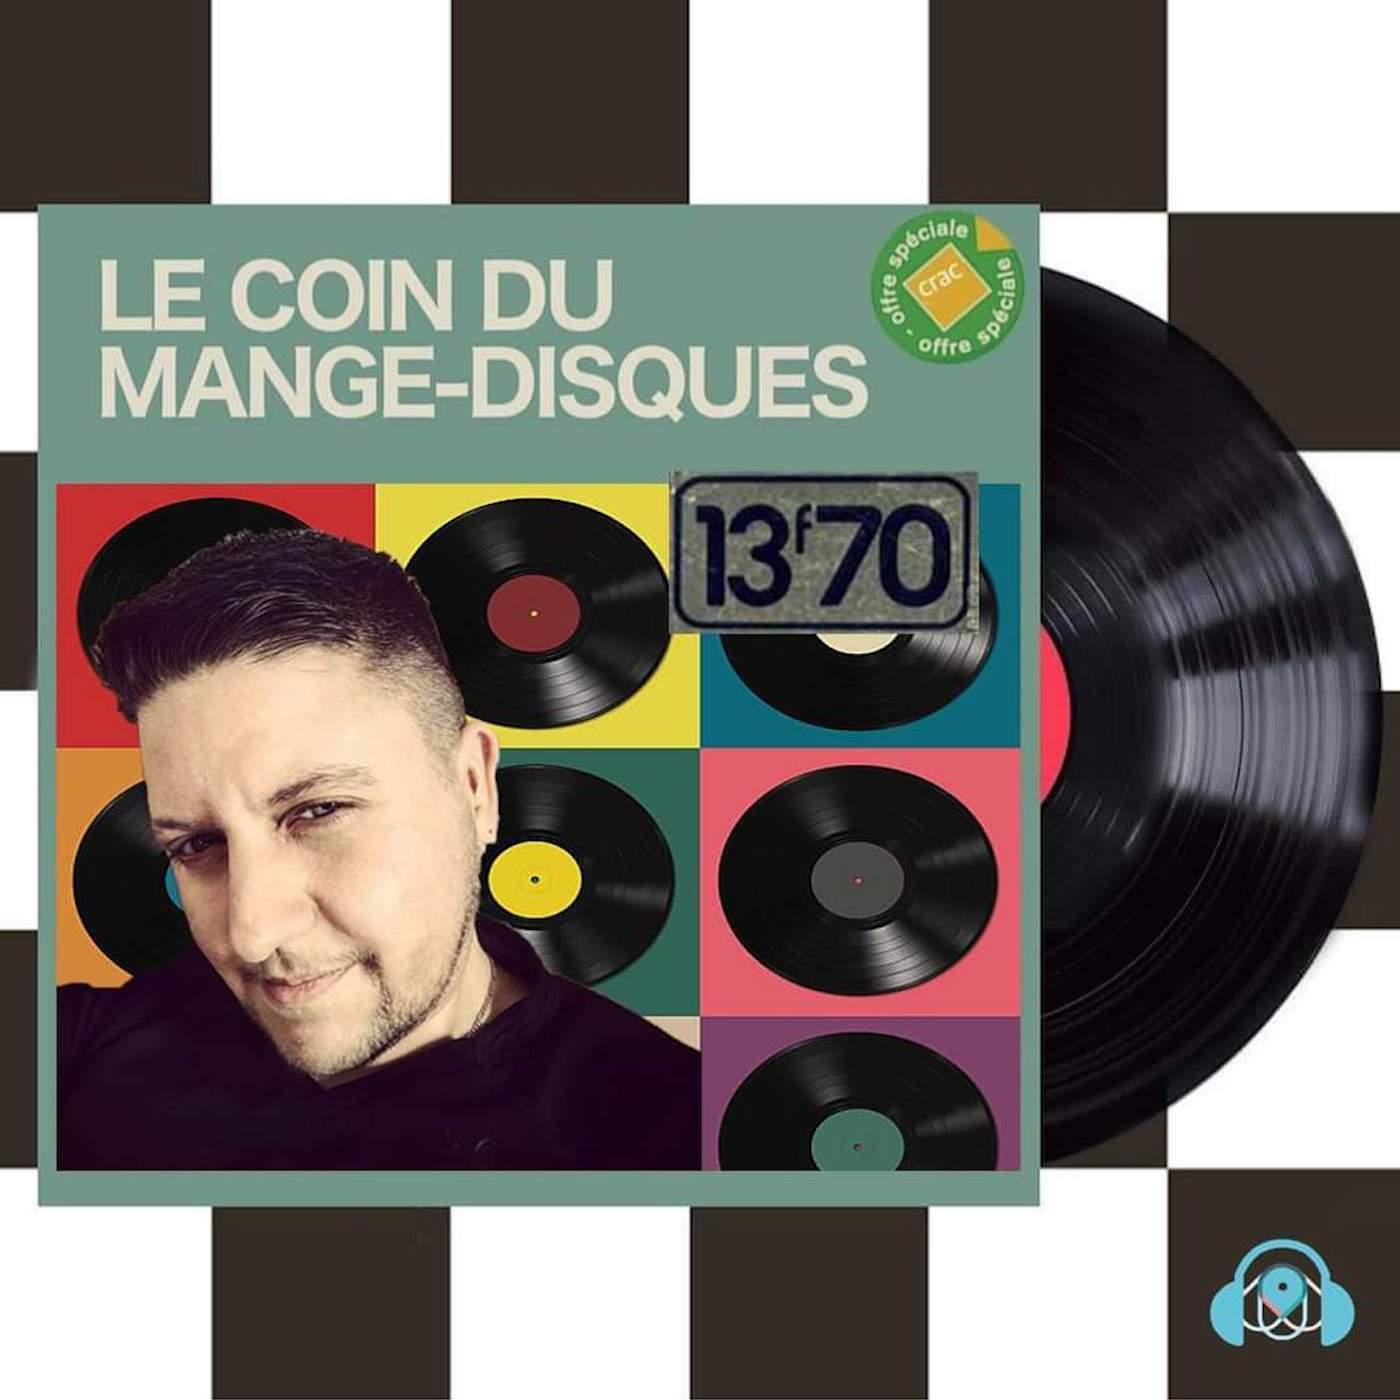 LE COIN DU MANGE-DISQUES S1E23 - Maman